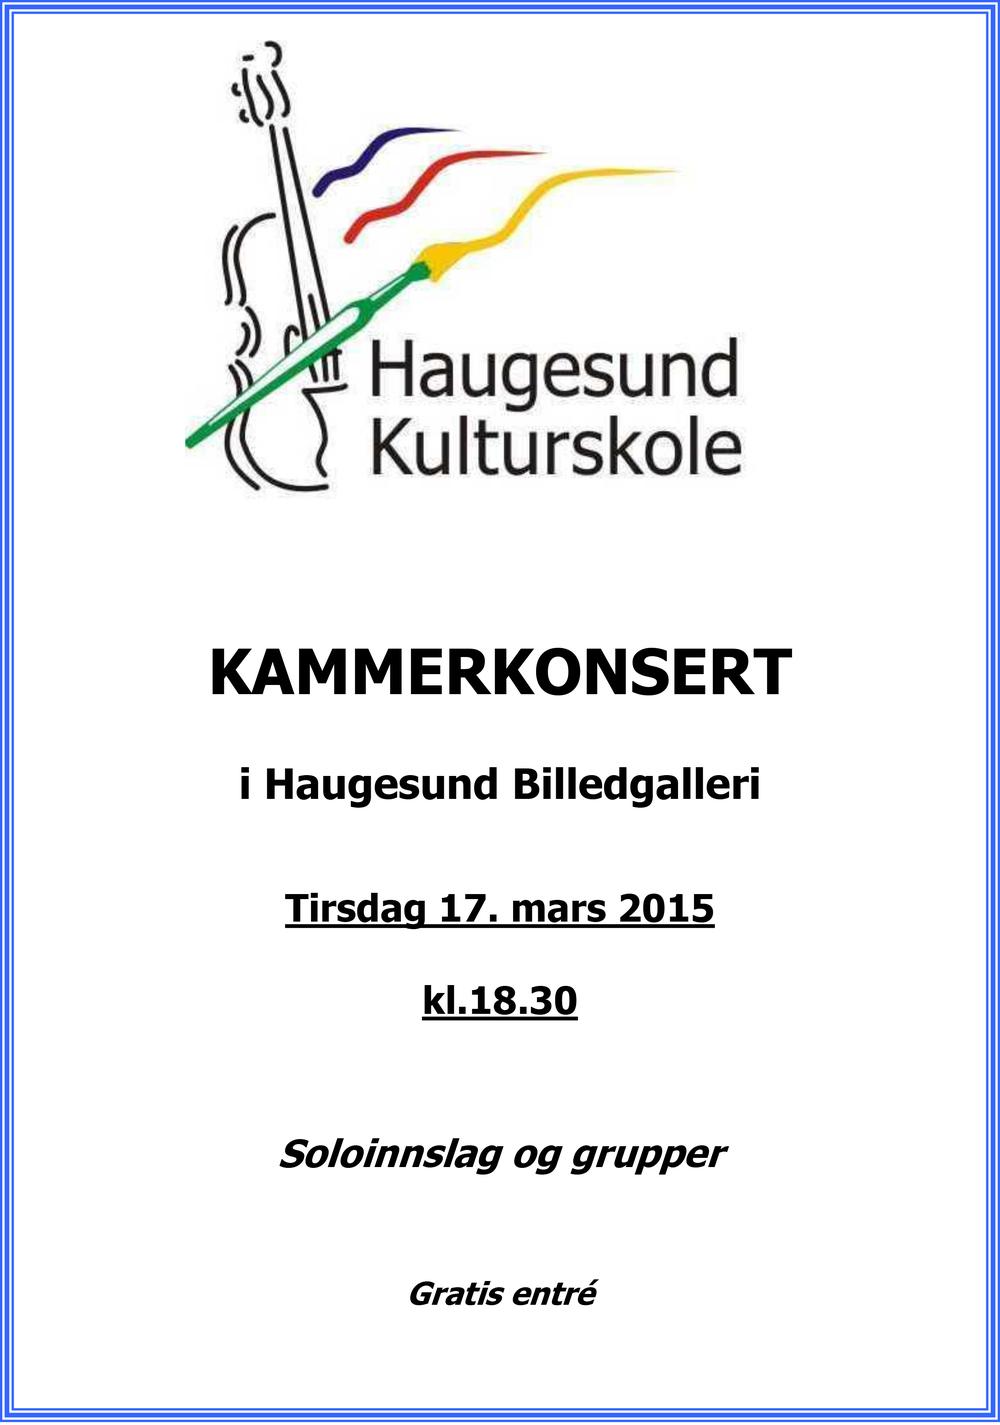 Haugesund kulturskole